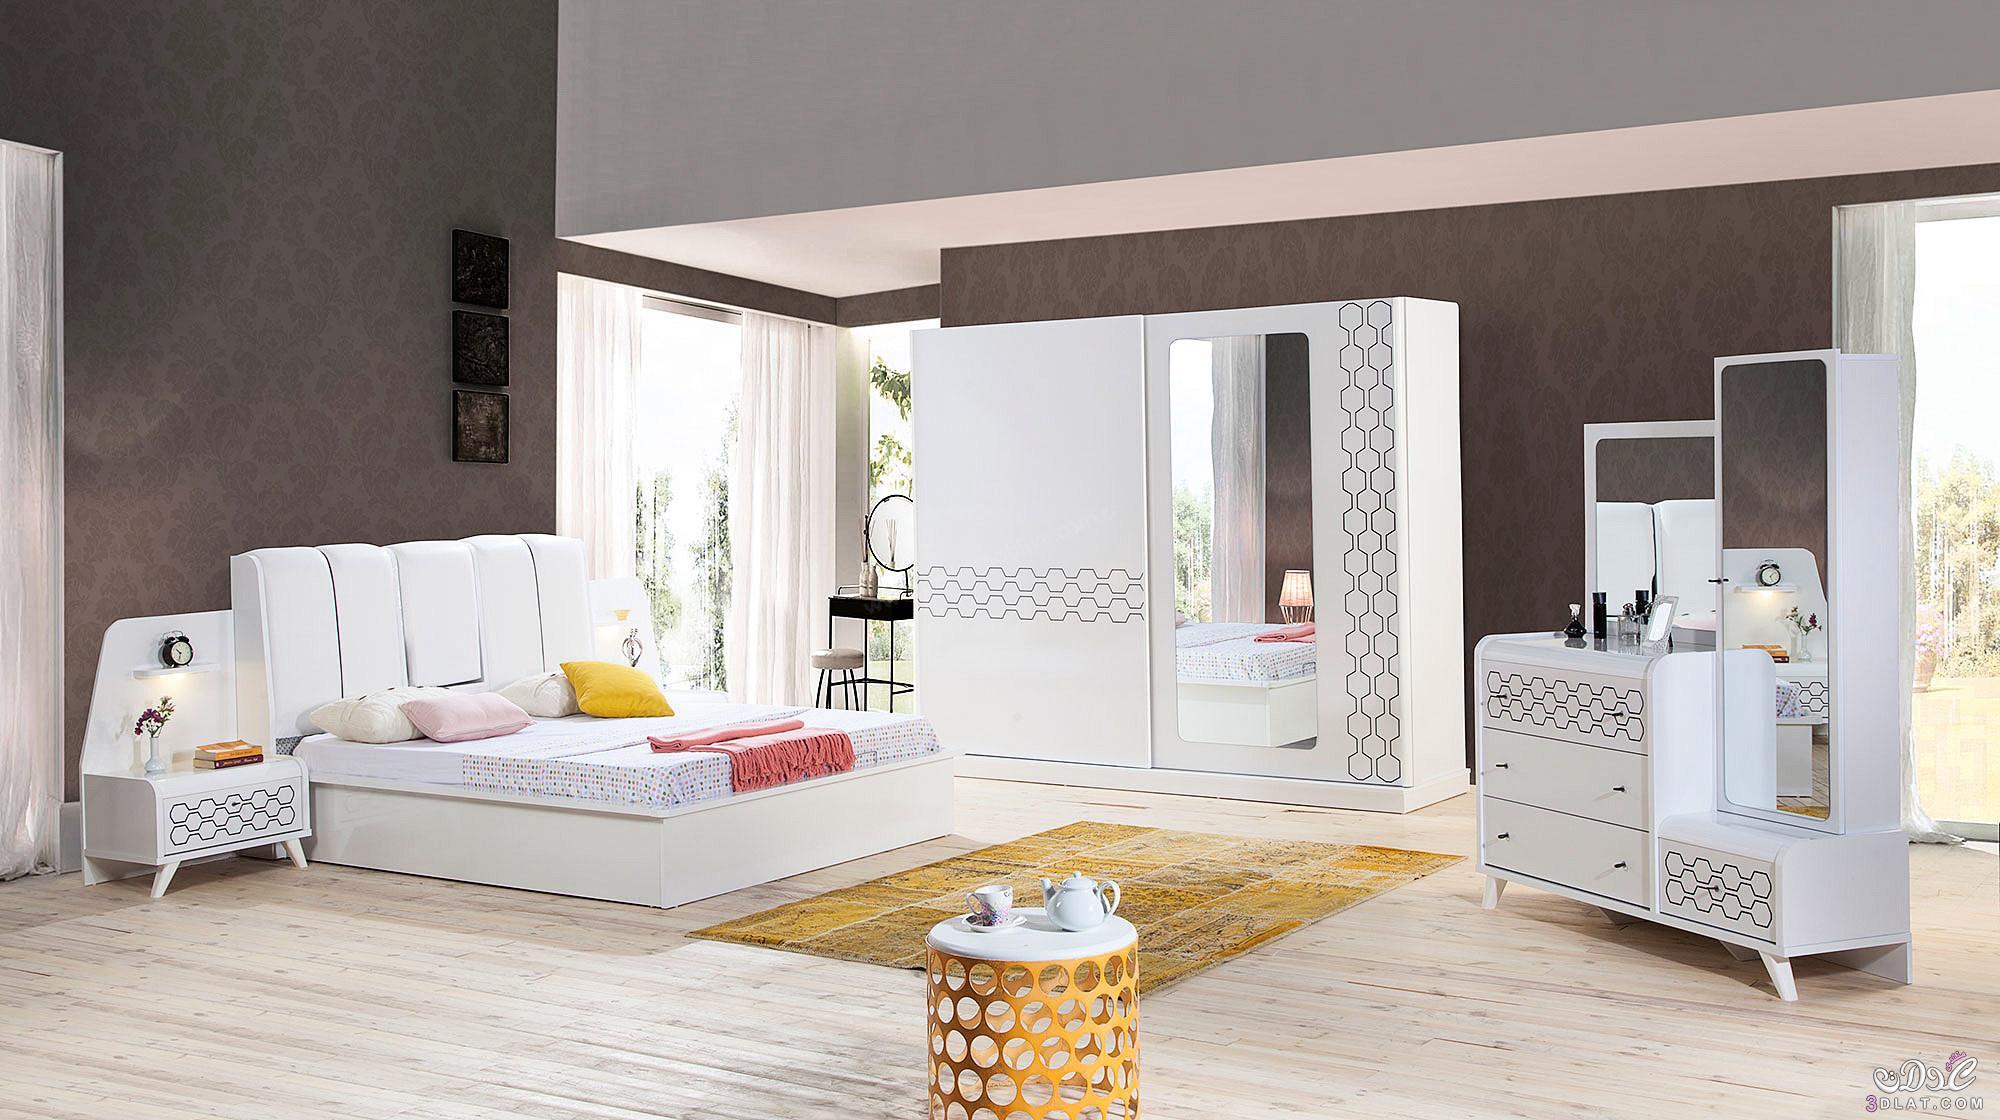 غرف نوم مودرن 2019 كامله تصميمات لغرف شباب وعرائس حديثة